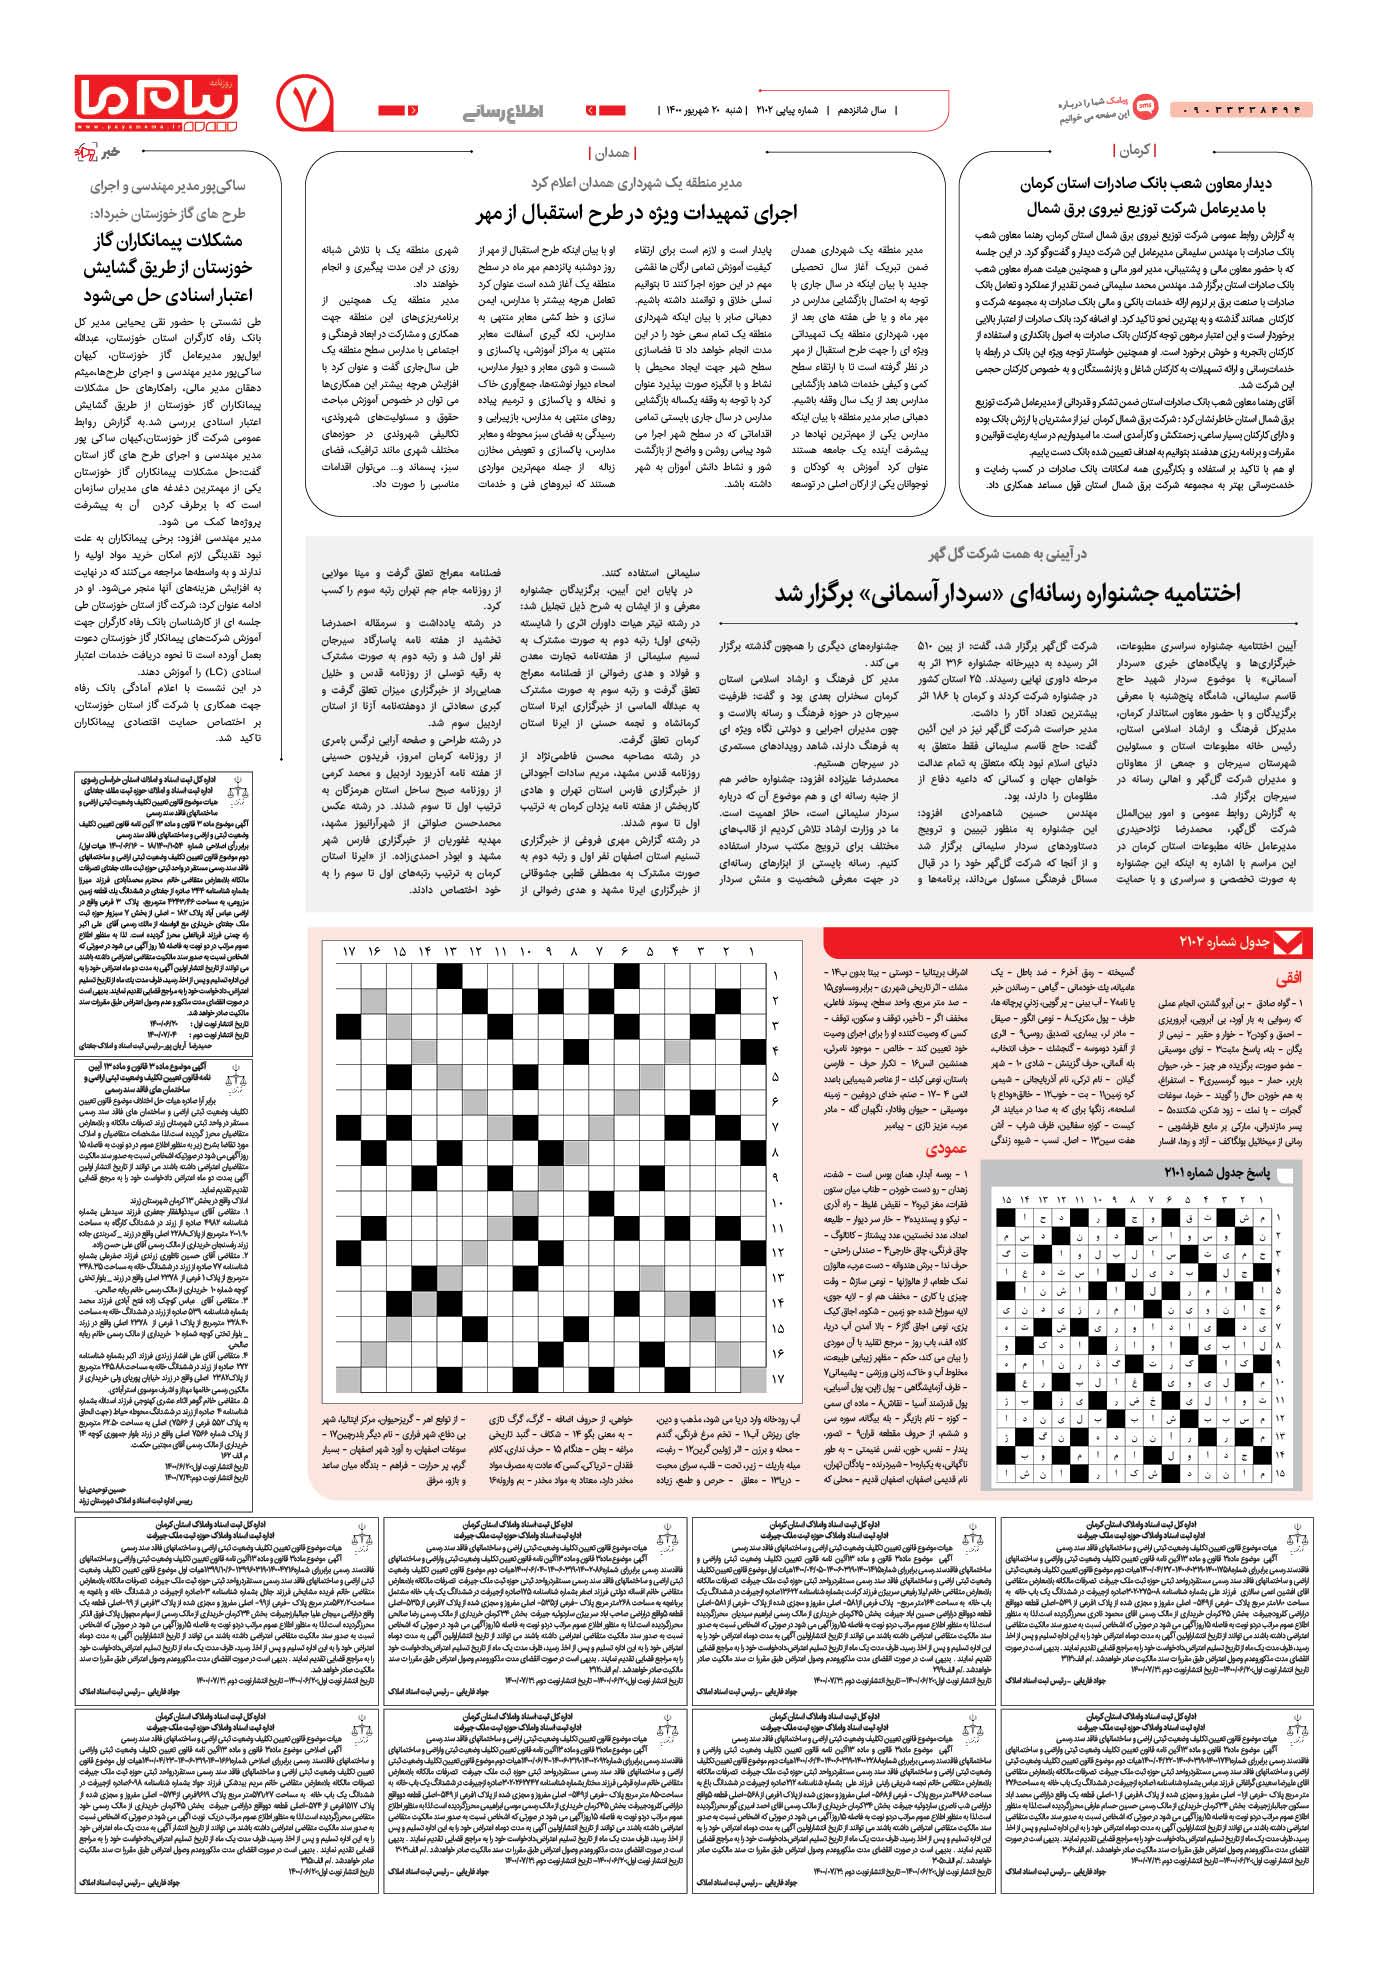 صفحه اطلاع رسانی شماره 2102 روزنامه پیام ما